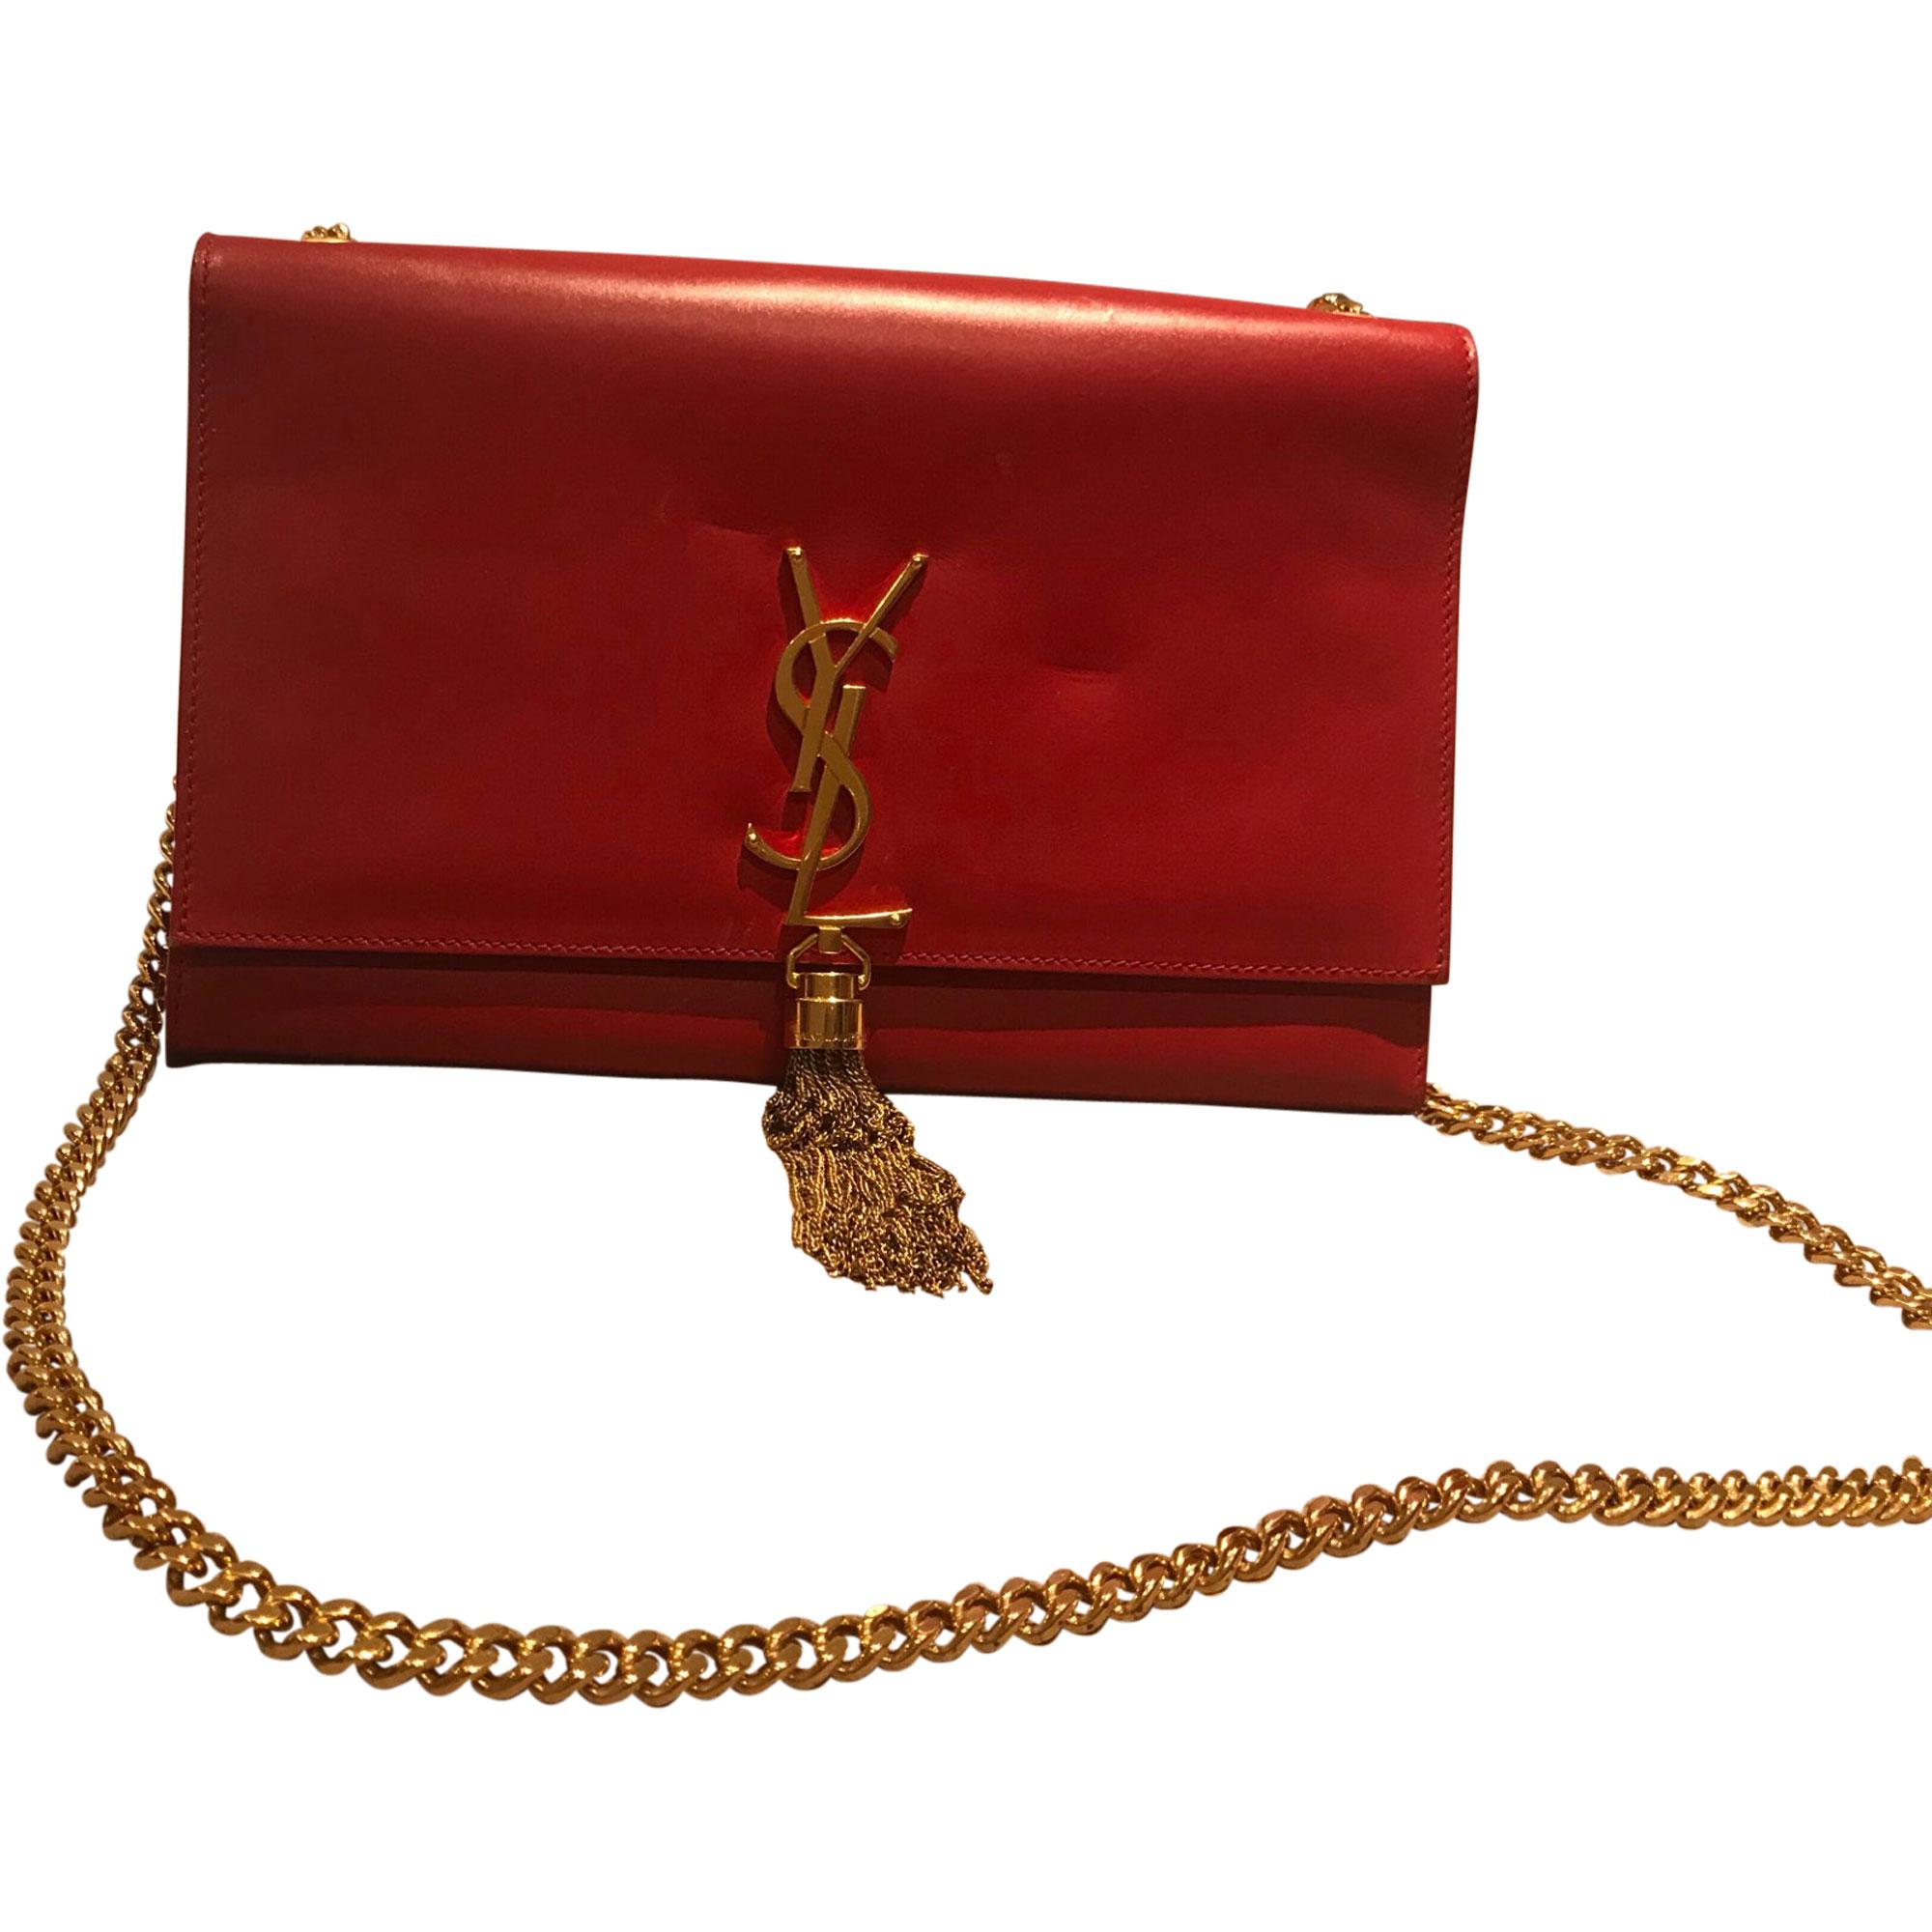 3094058766 Sac en bandoulière en cuir YVES SAINT LAURENT Rouge, bordeaux